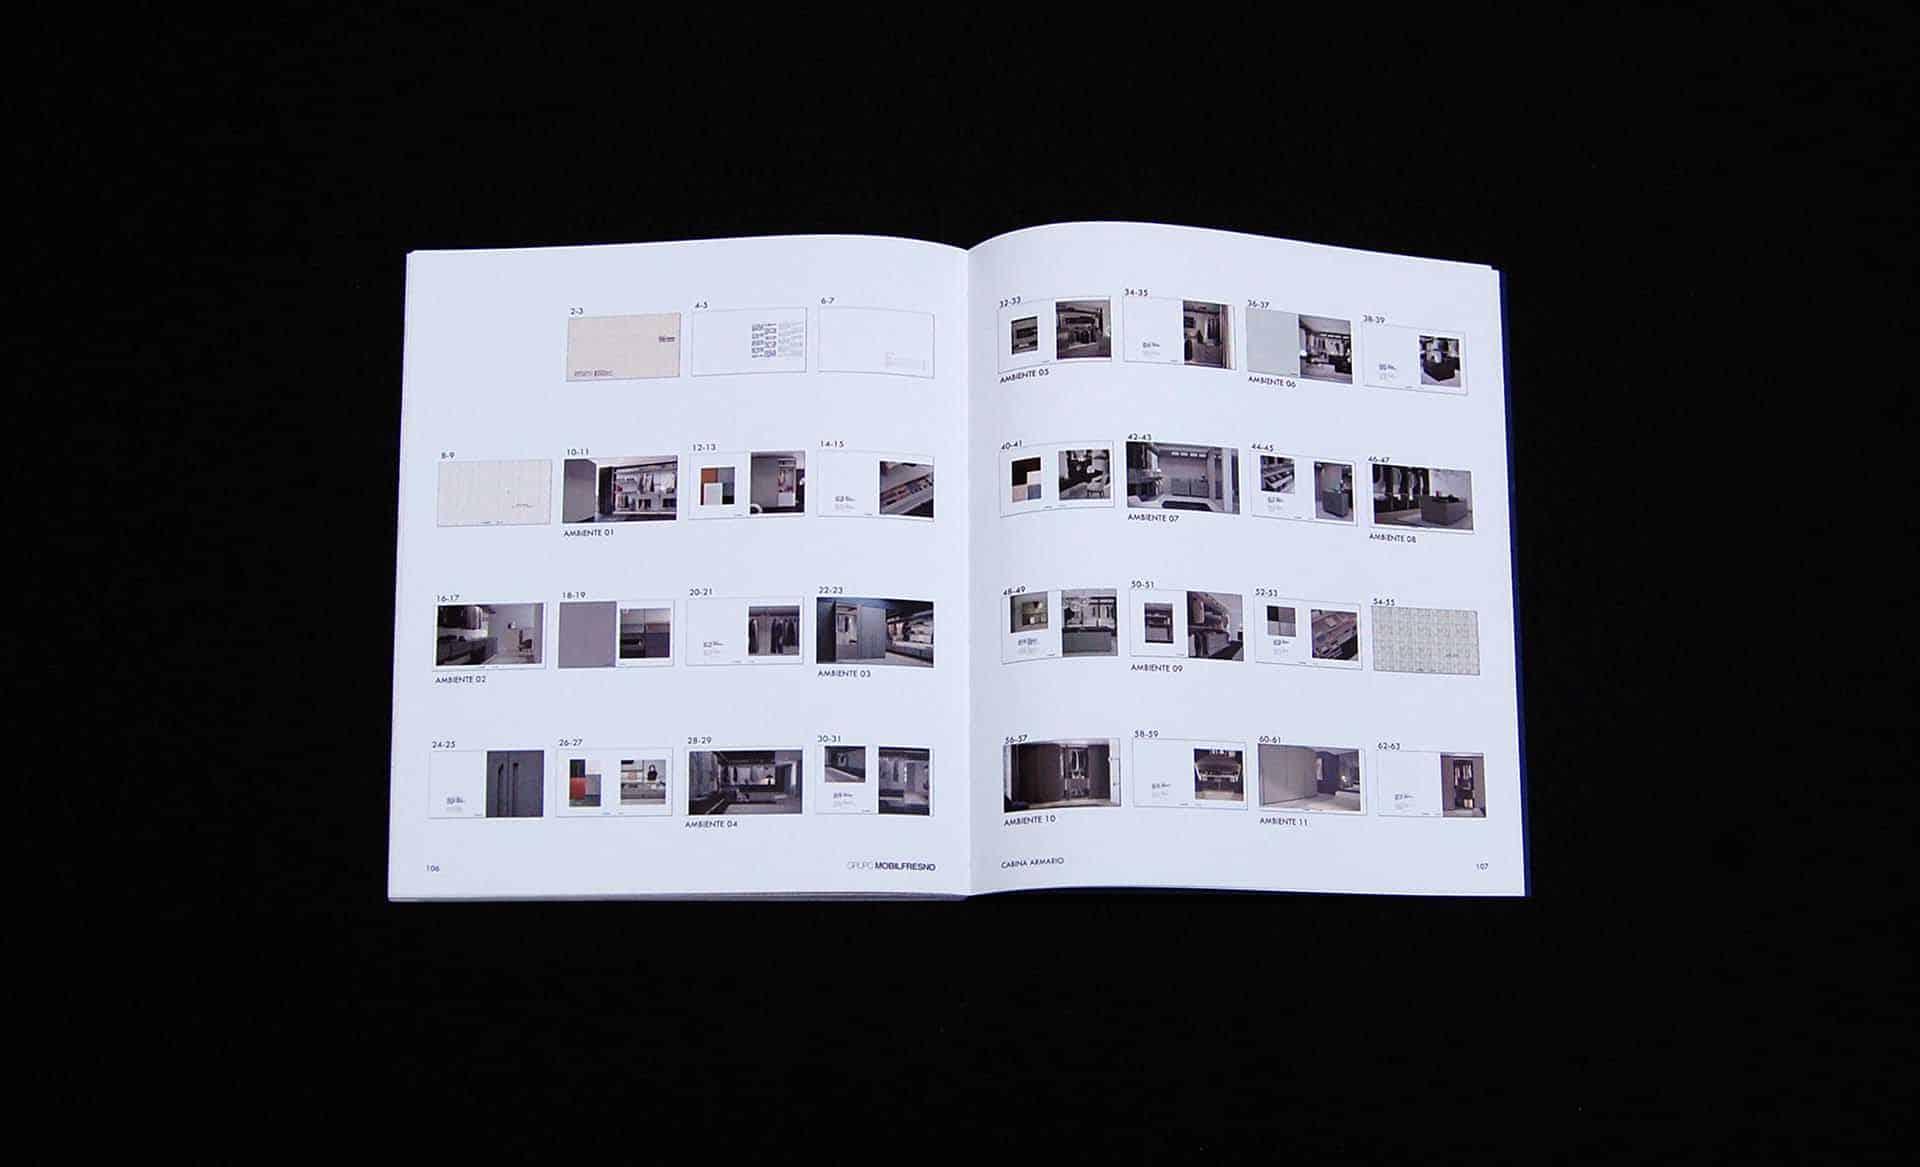 Diseño de Catalogos Exclusivos Mobilfressno